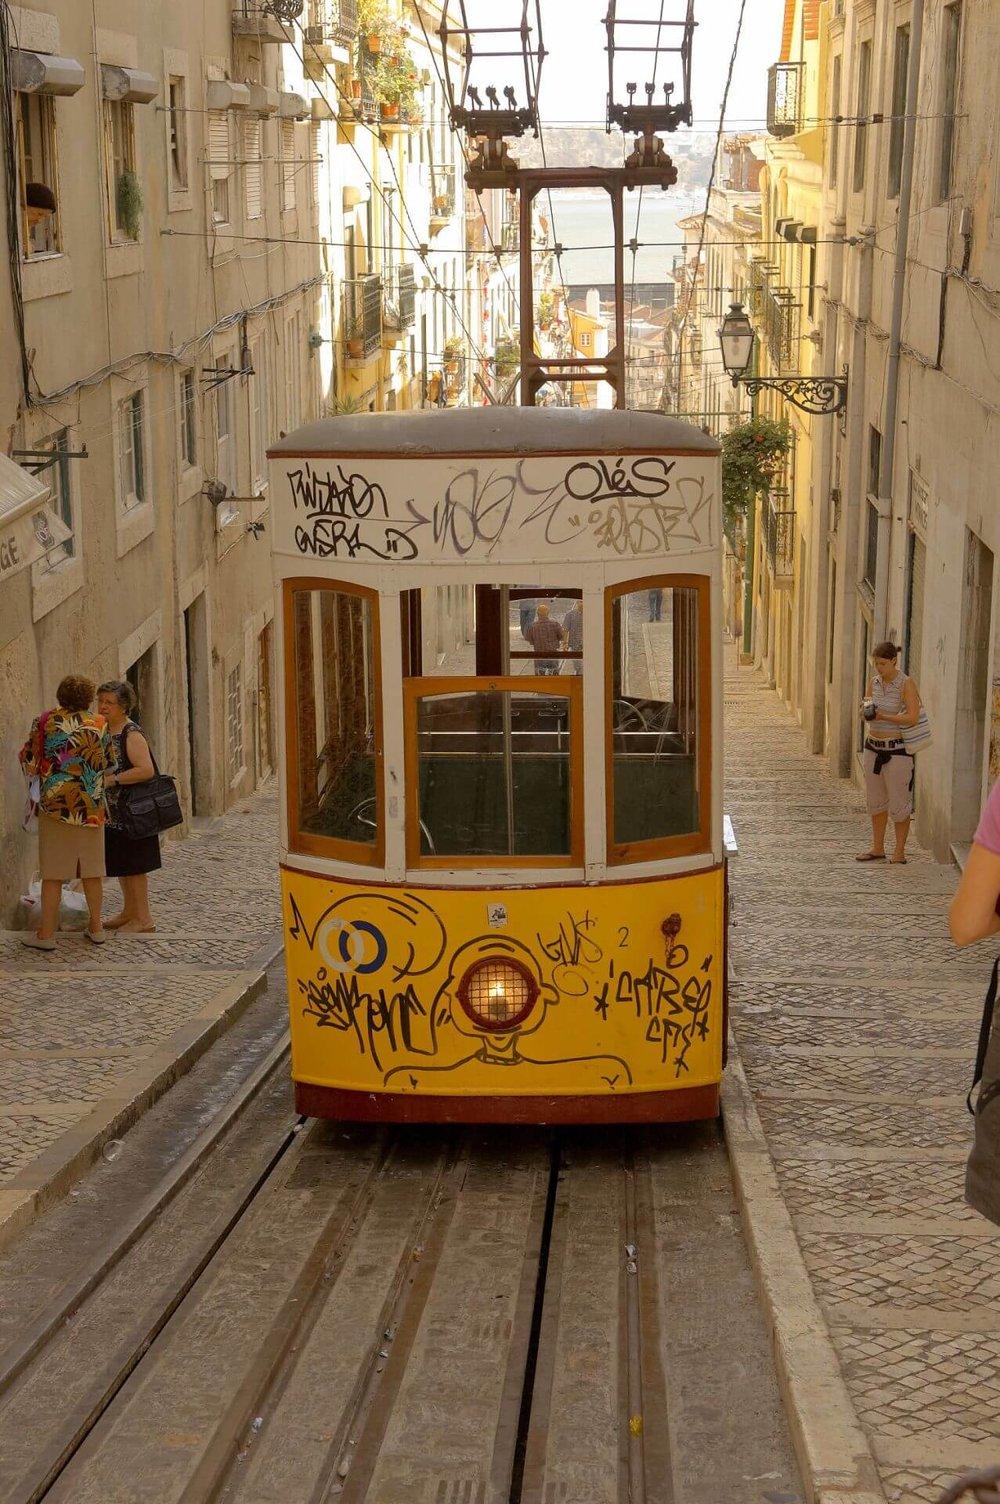 13-04 - Van 13 tot 18 april gaan we met de Lange Buitenlandse Reis naar Lissabon! Lekker weer is vrijwel zeker, en in deze goedkope doch prachtige stad zullen we een geweldige tijd beleven.